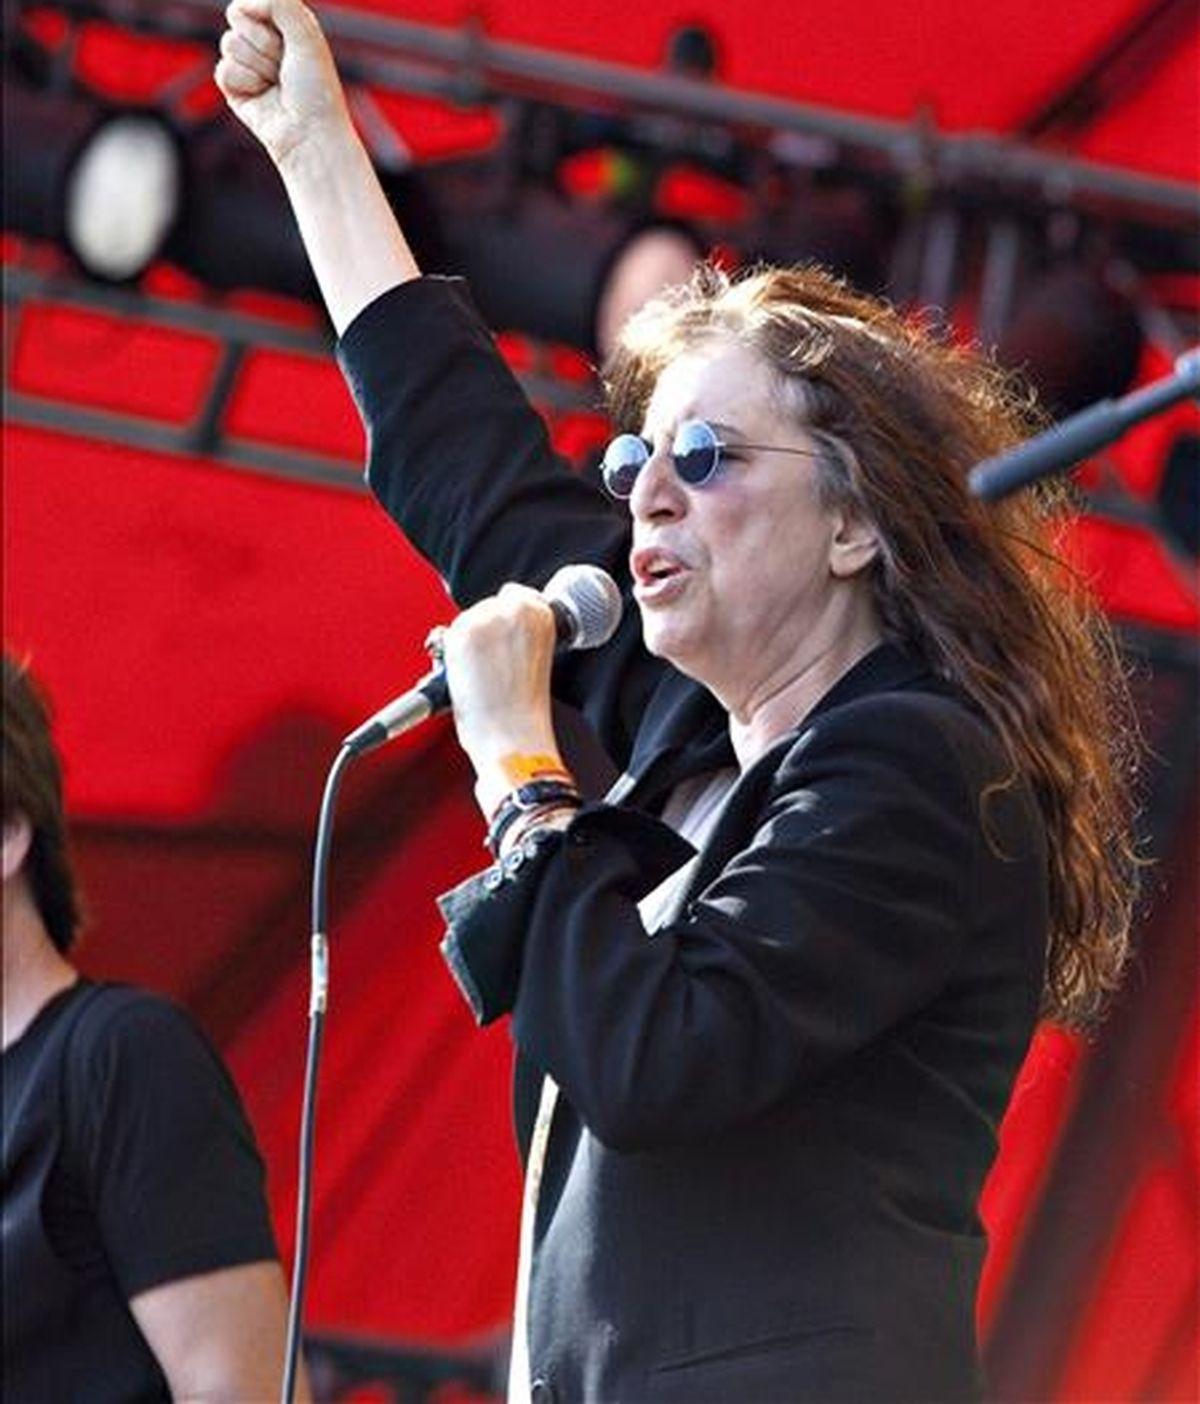 La cantante estadounidense Patti Smith durante su actuación en el festival Roskilde de Dinamarca, el pasado 3 de julio. EFE/Archivo